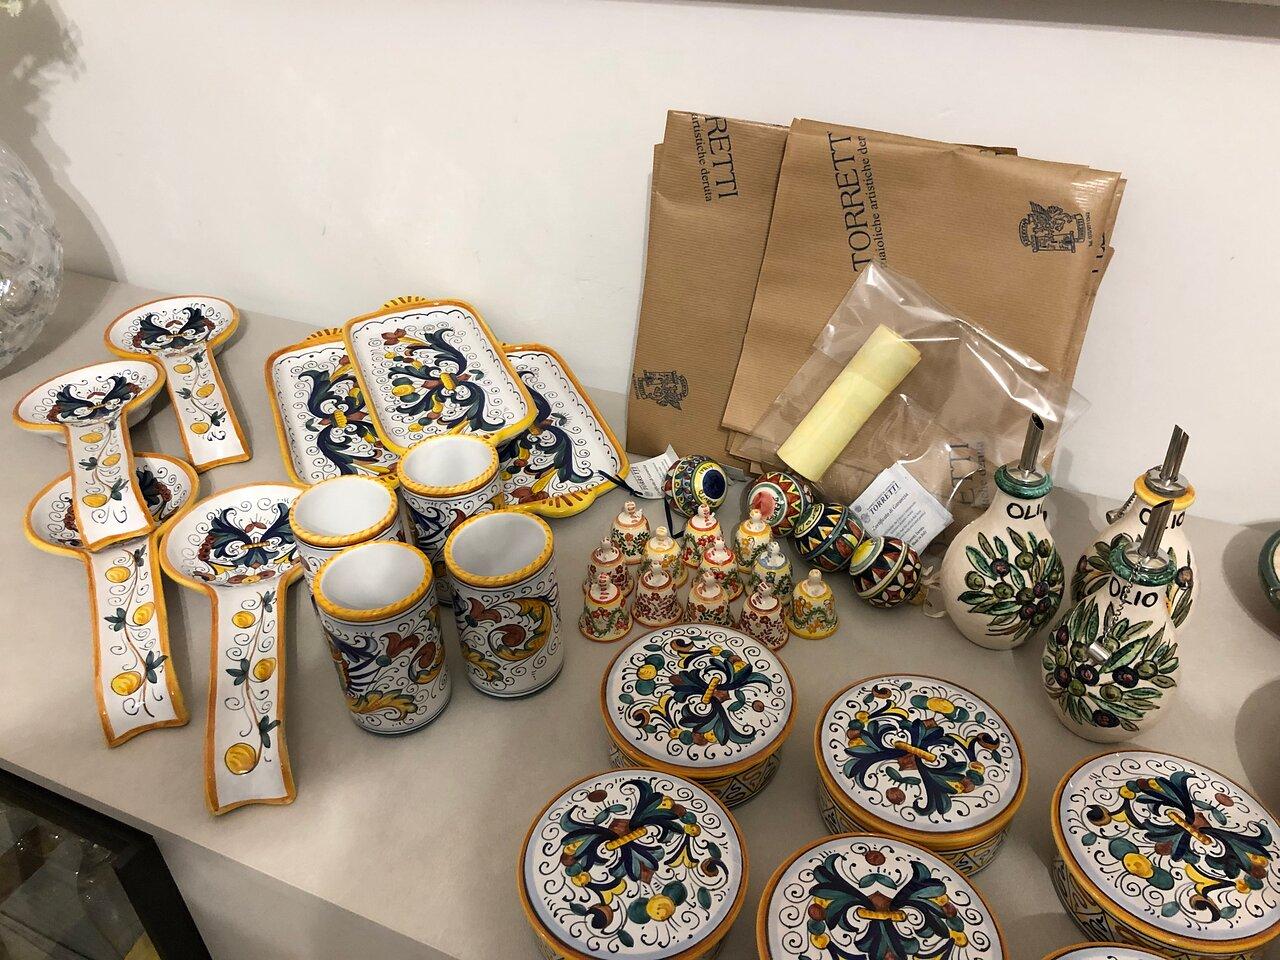 Ceramiche Torretti Visita Alla Lavorazione Della Ceramica Artistica Deruta Aggiornato 2021 Tutto Quello Che C E Da Sapere Tripadvisor